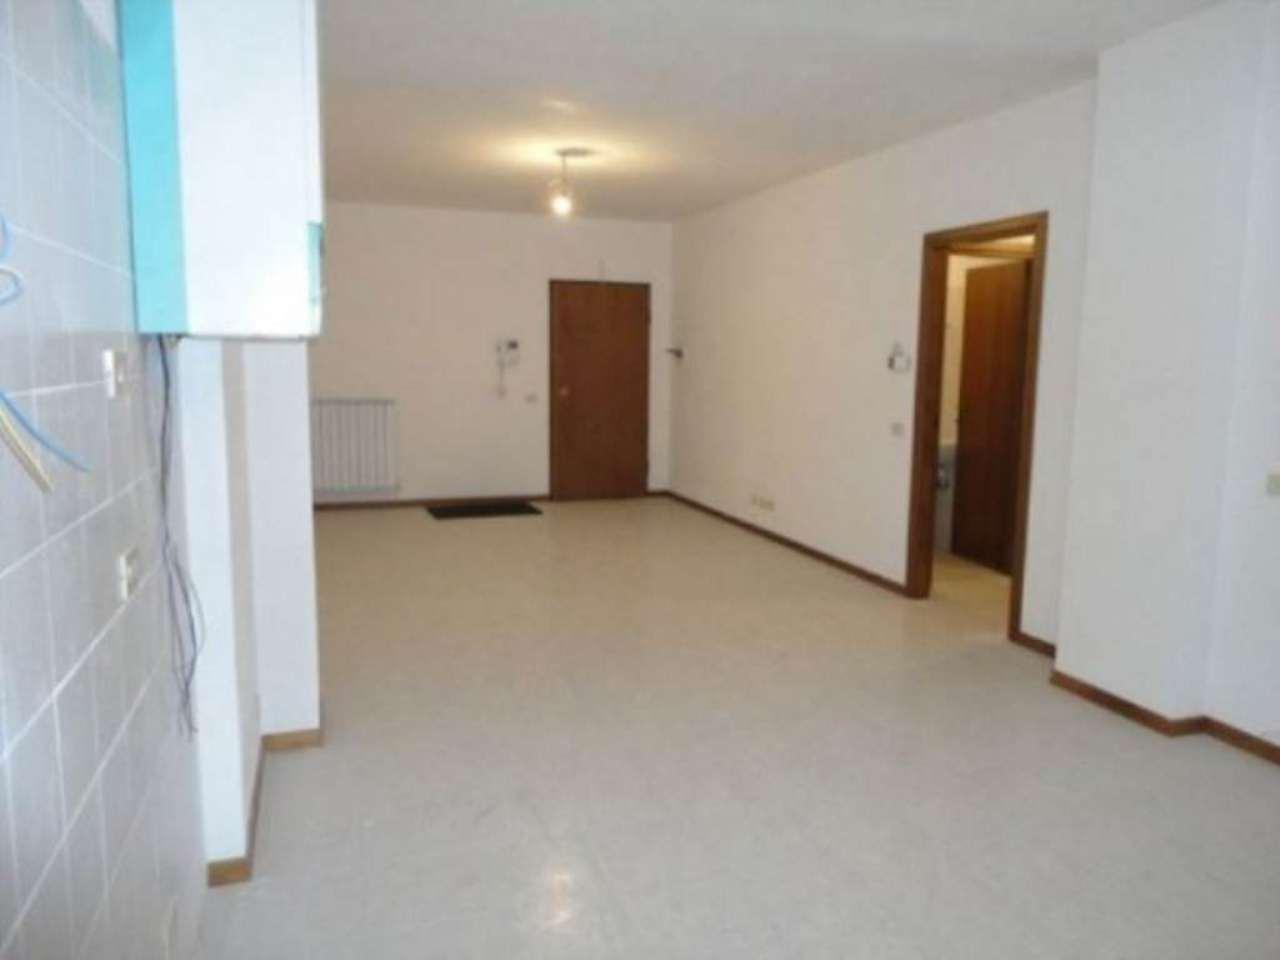 Appartamento in vendita a Chianciano Terme, 5 locali, prezzo € 180.000 | Cambio Casa.it